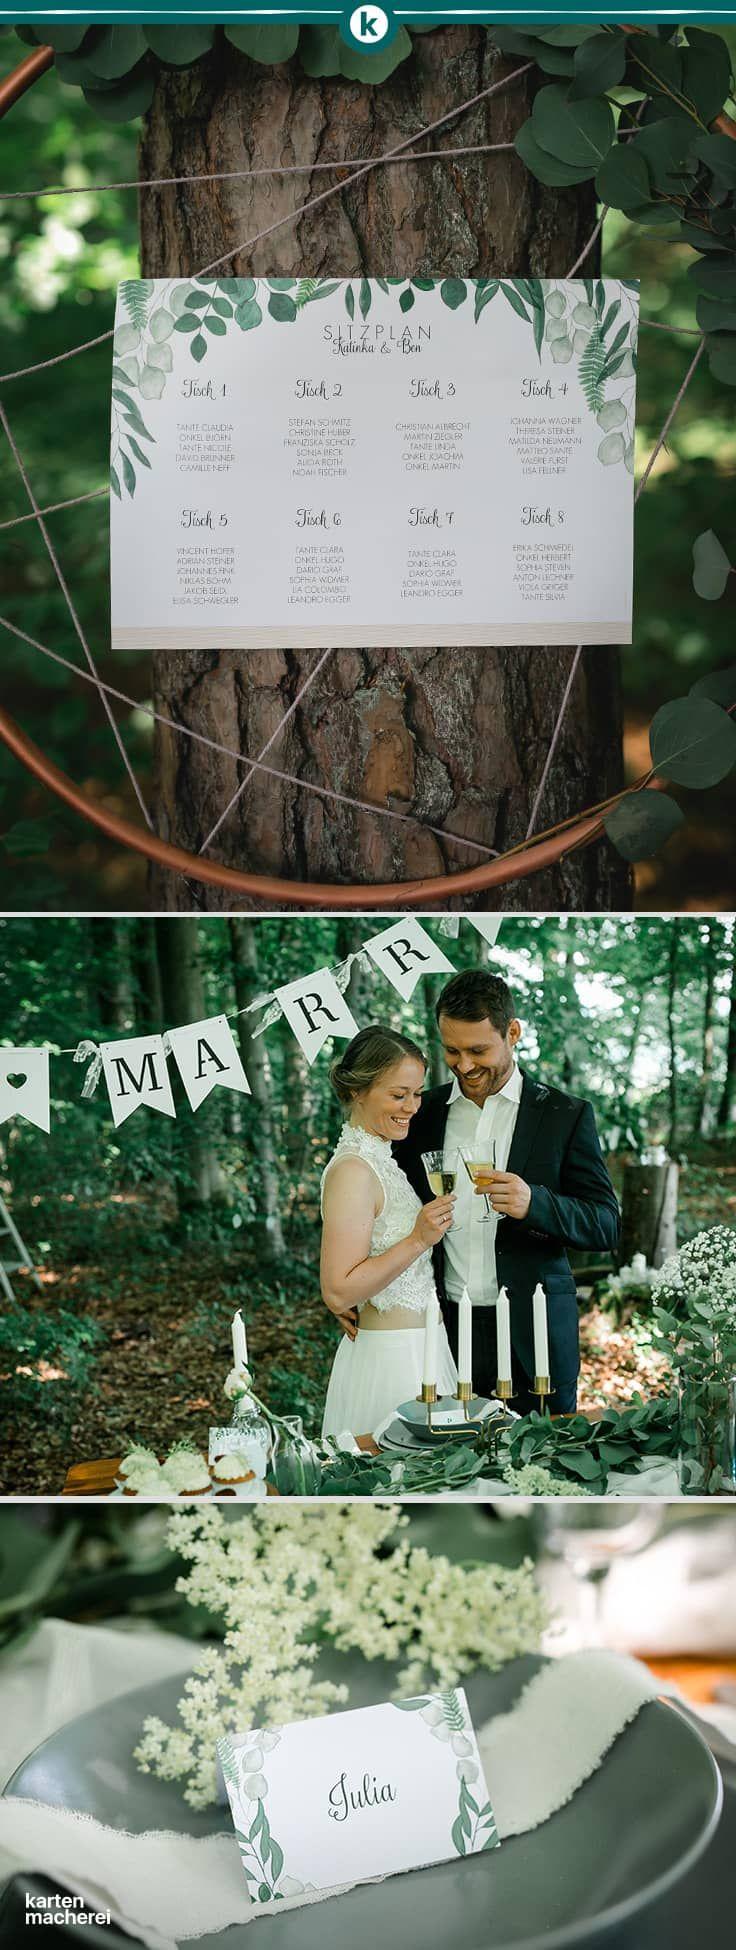 So schön ist heiraten im Sommer. Dekoriert eure Hochzeitstafel mit grünen Blä…